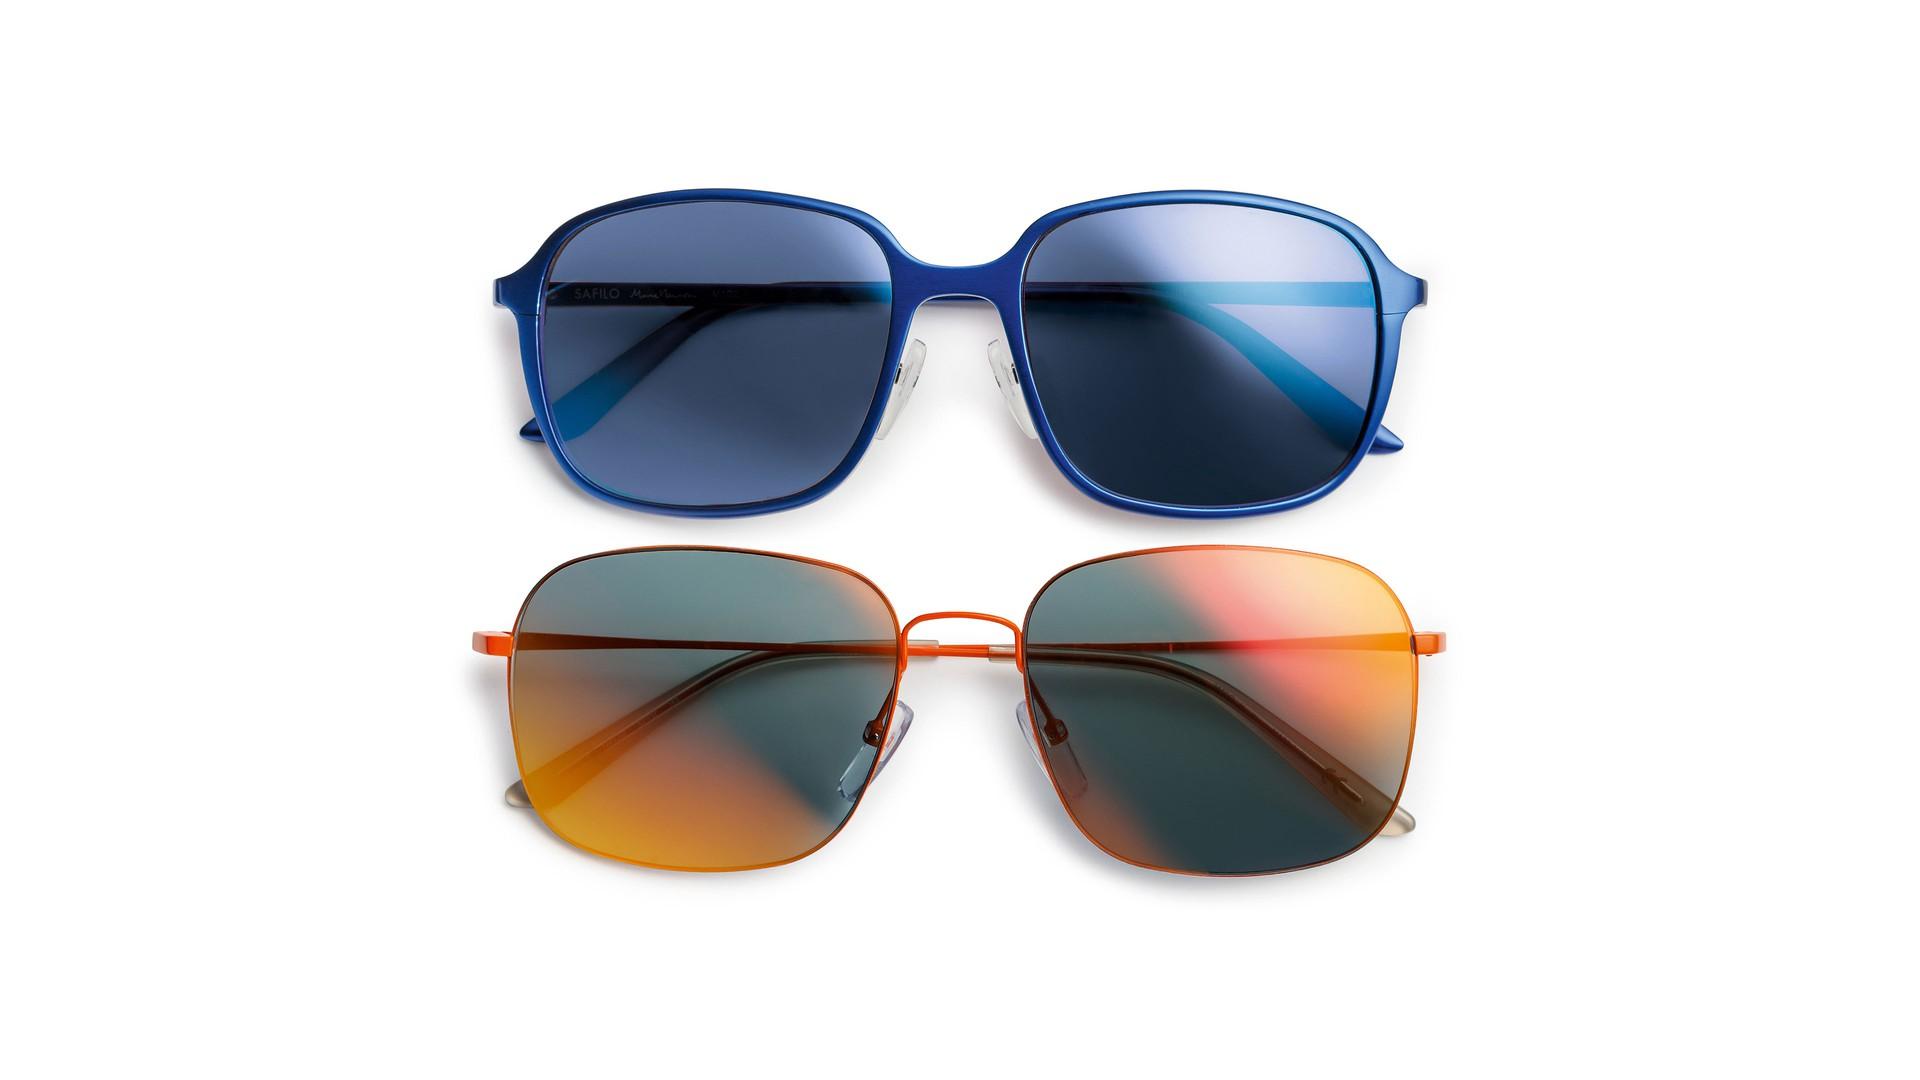 safilo eyewear  Capsule Eyewear Collection